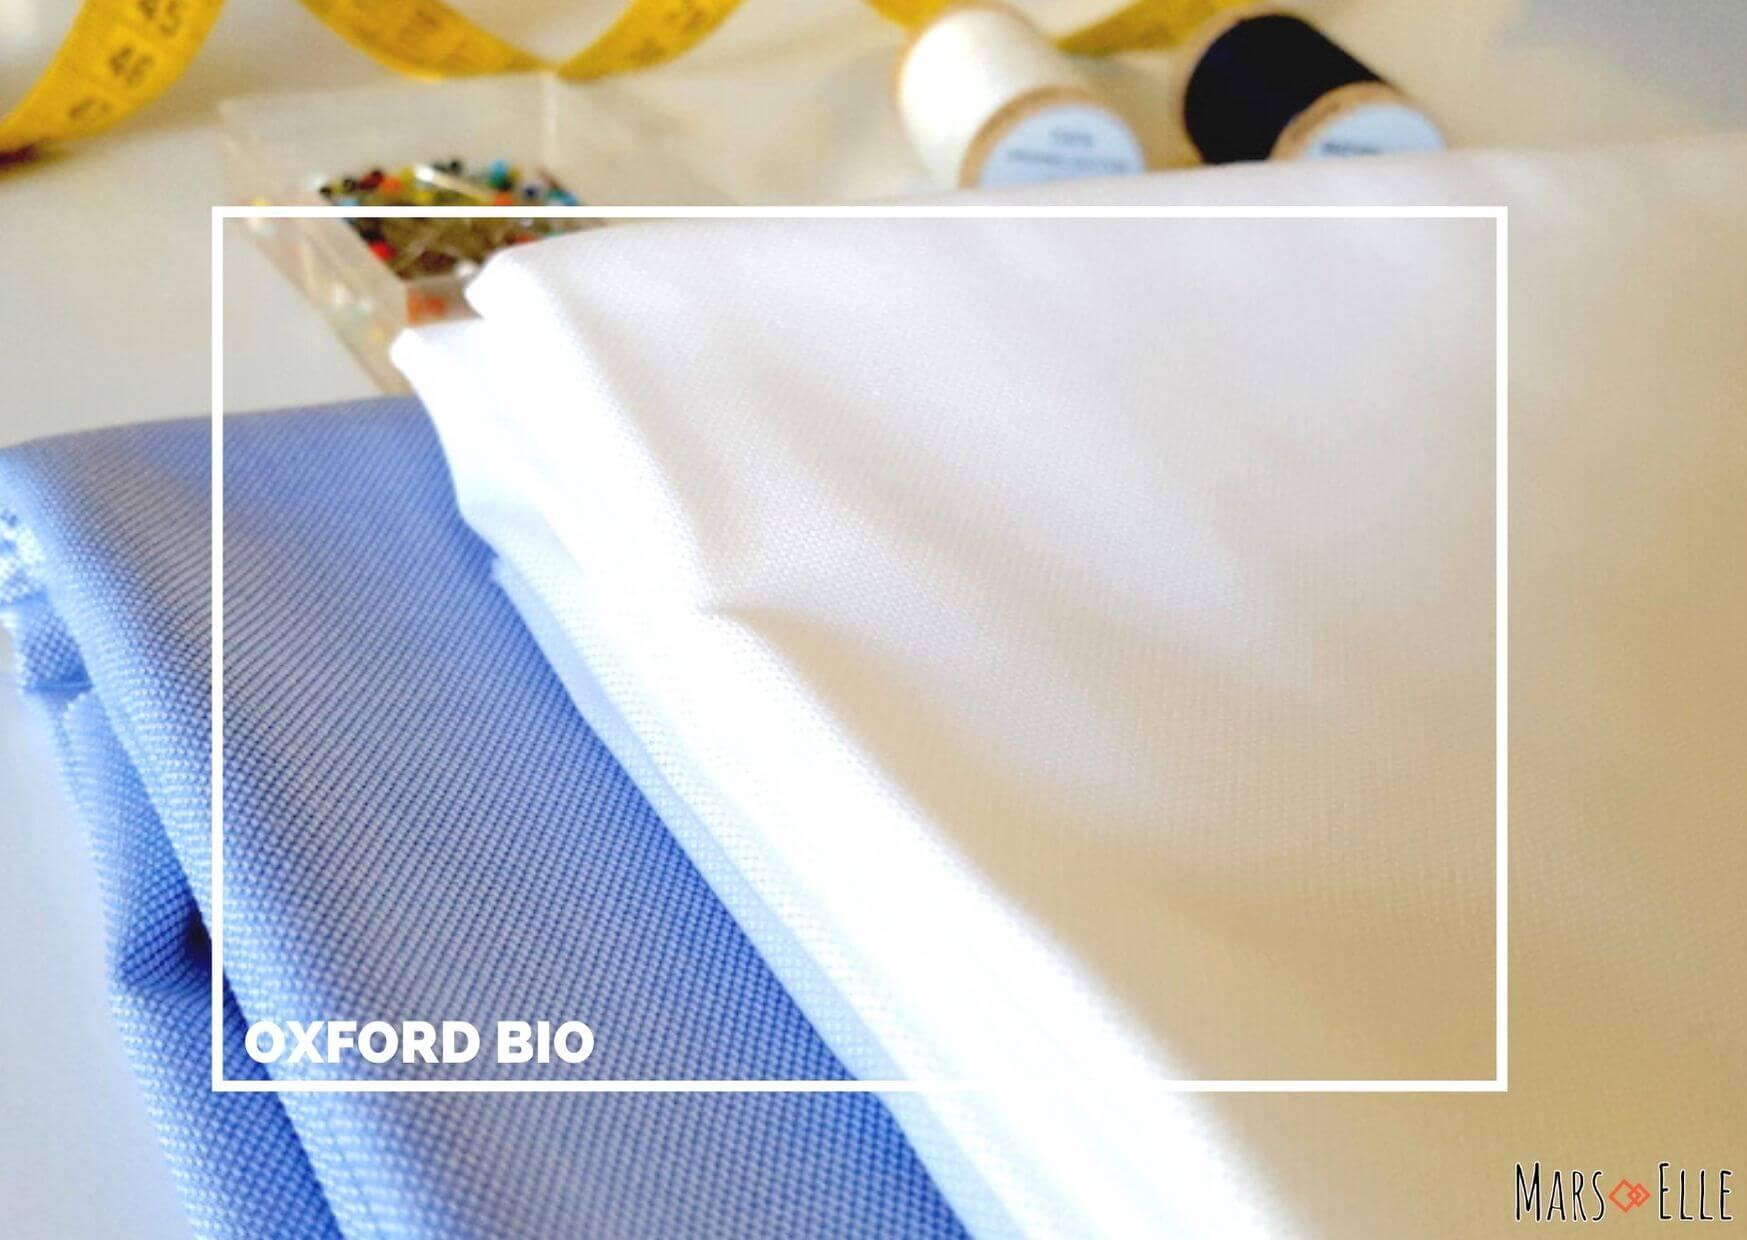 tissu bio oxford Mars-ELLE